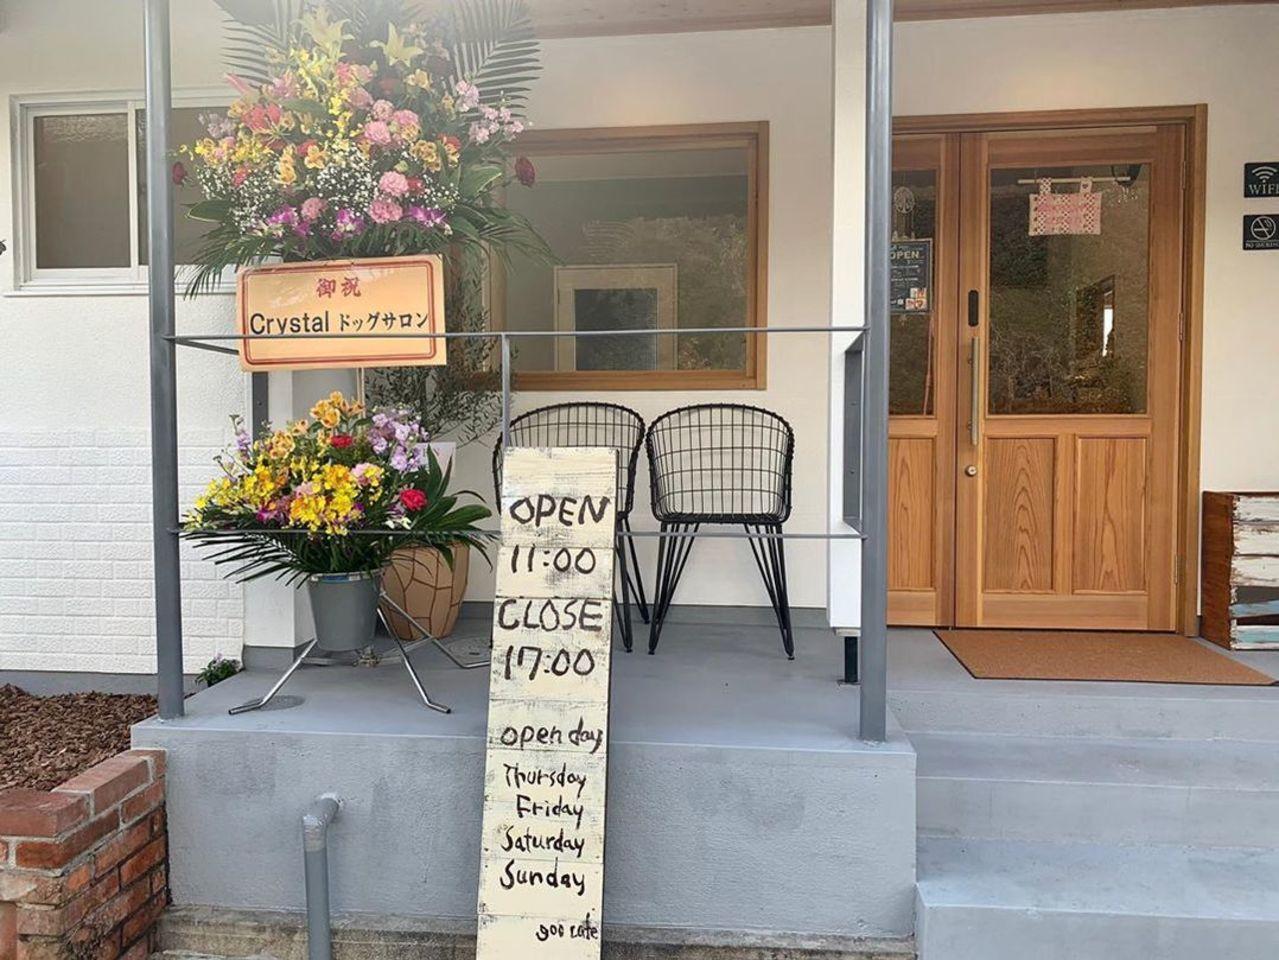 ピザとスイーツのお店。。長崎県東彼杵郡東彼杵町彼杵宿郷に『goo cafe』昨日よりプレオープン